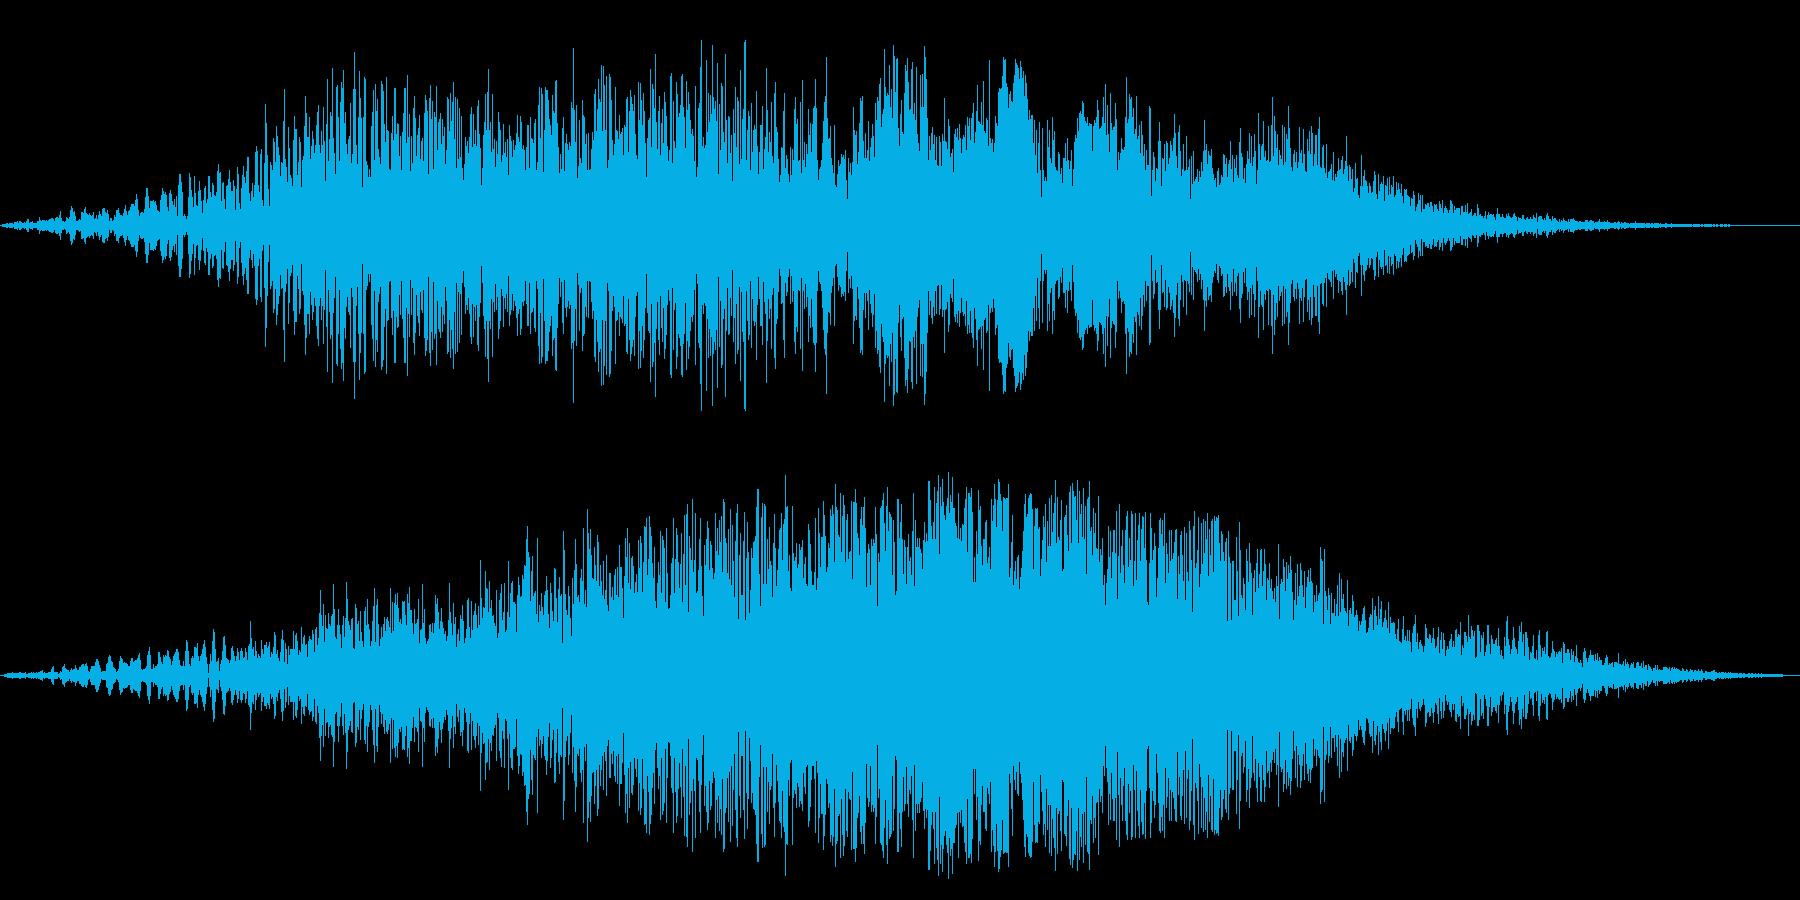 何かが空間(風の中)を通り過ぎていく音の再生済みの波形